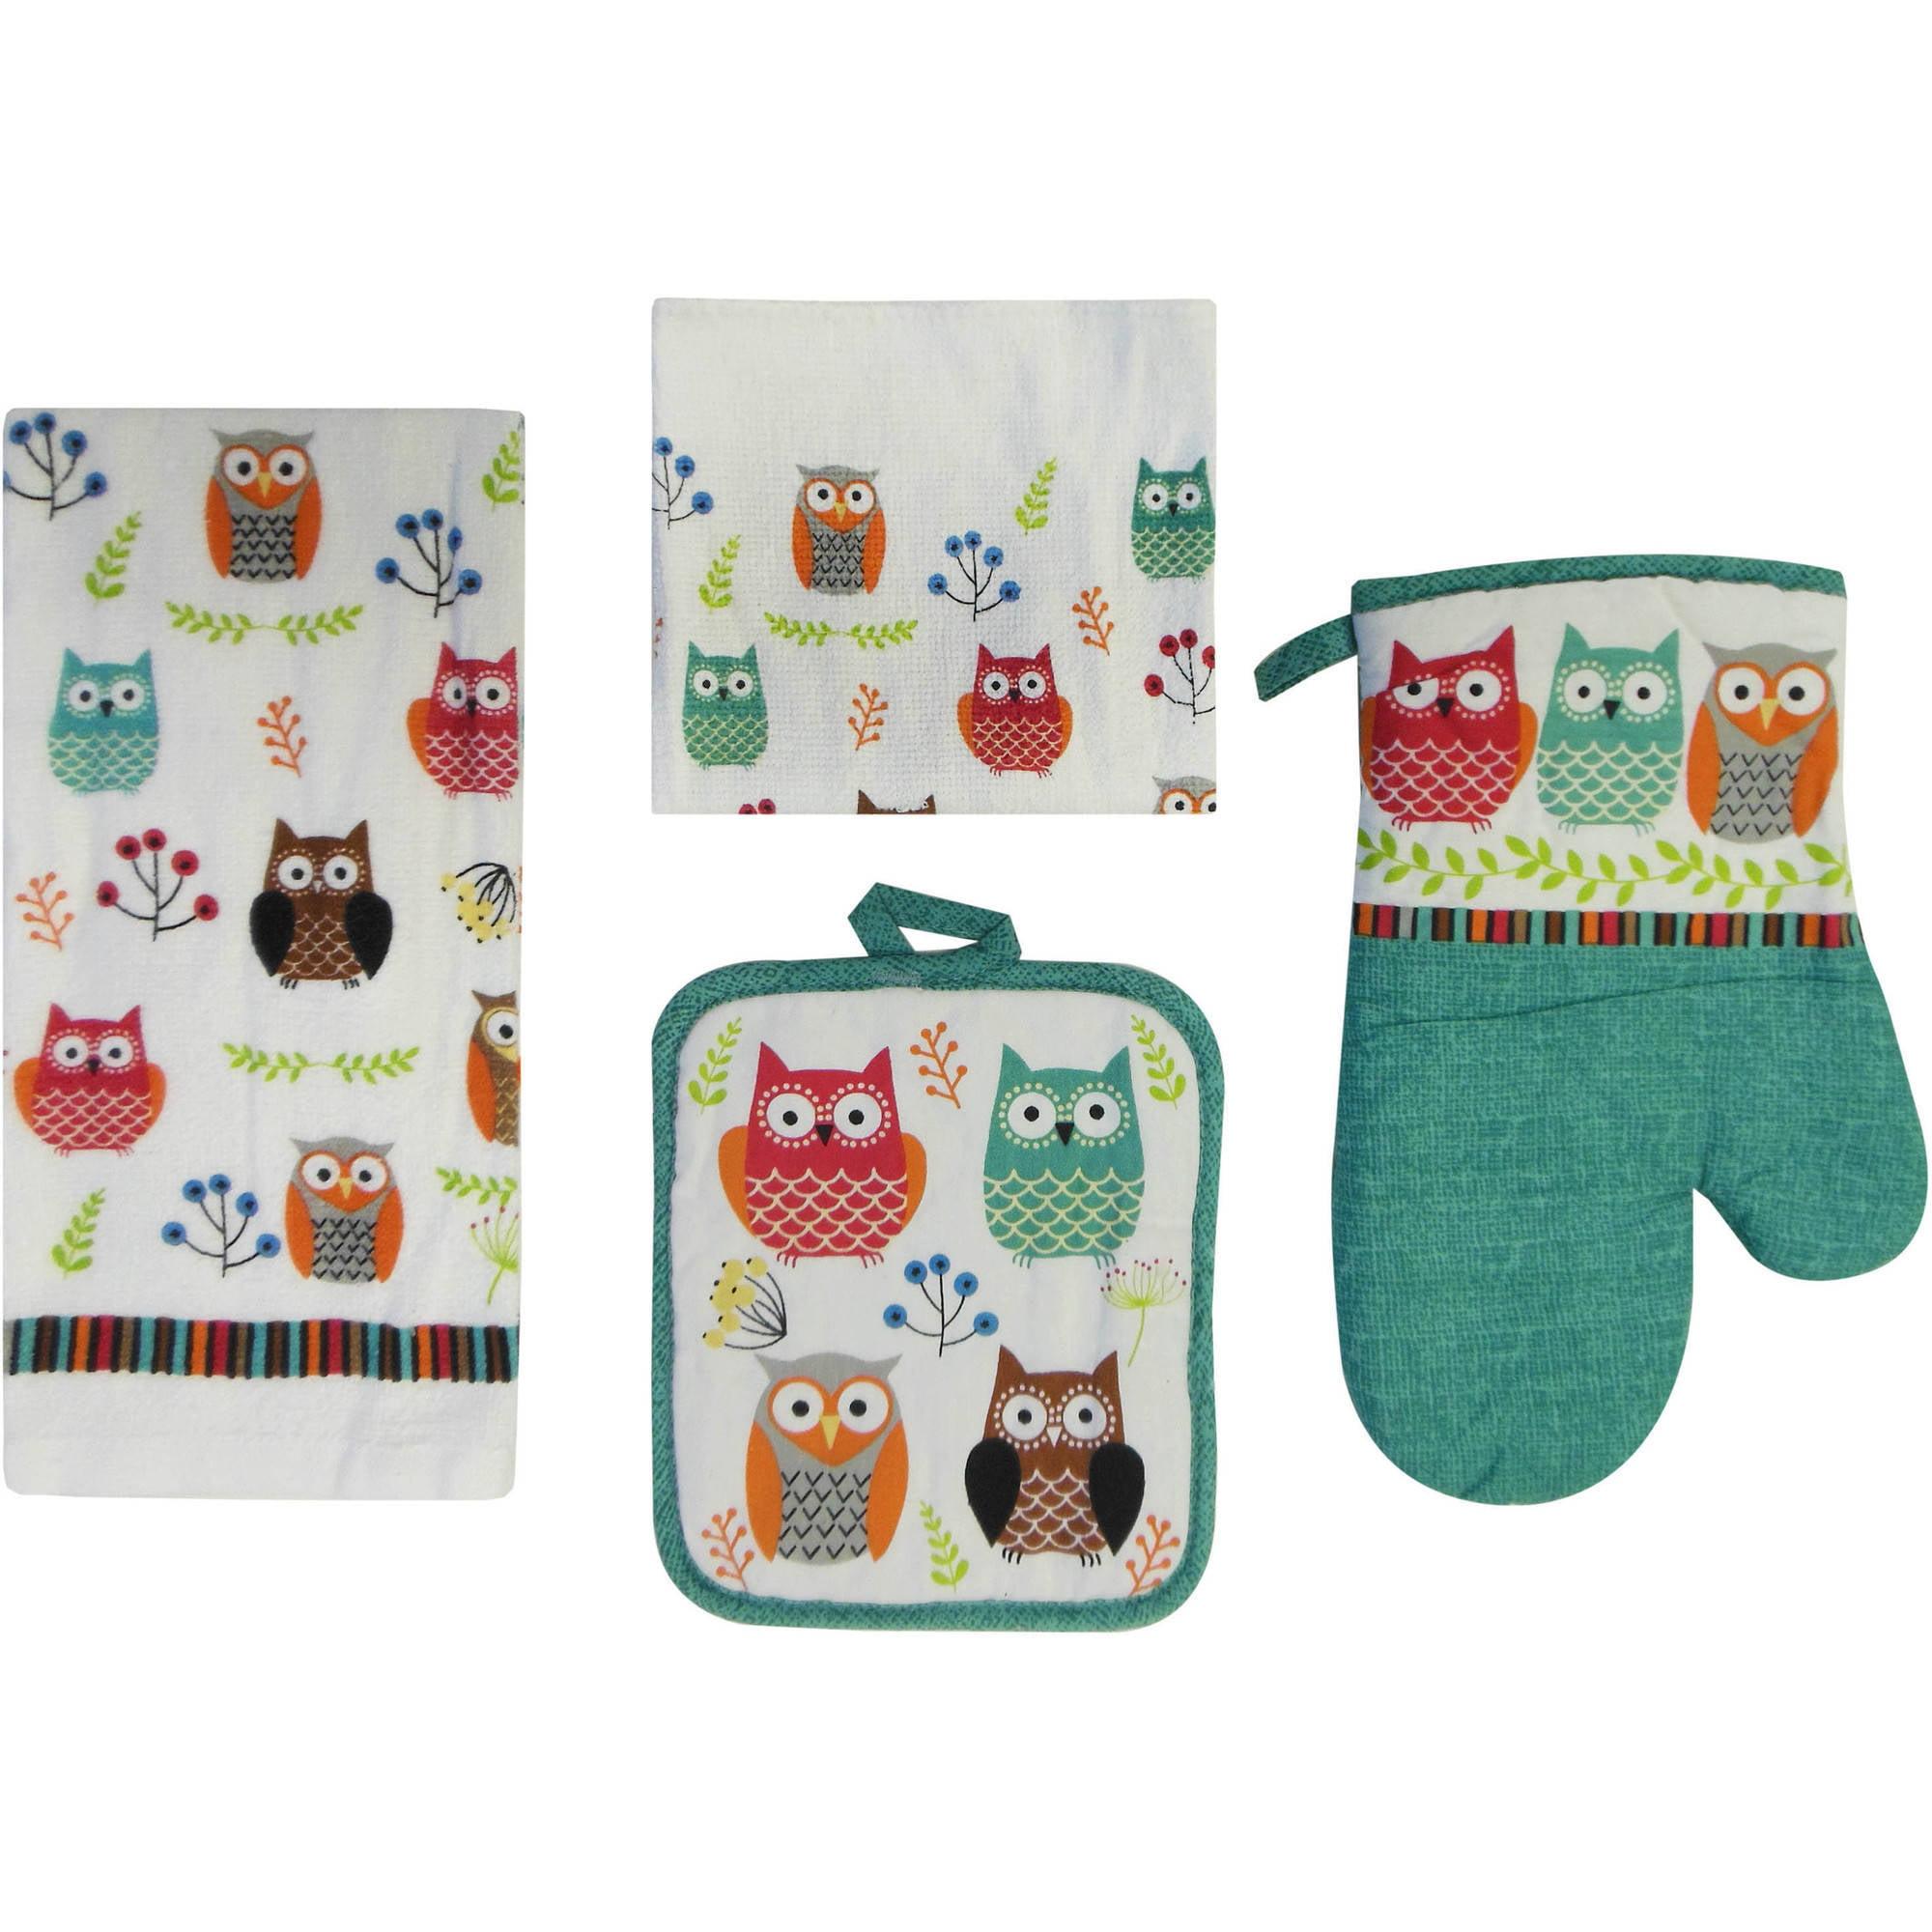 Mainstays Owl 7-Piece Kitchen Set